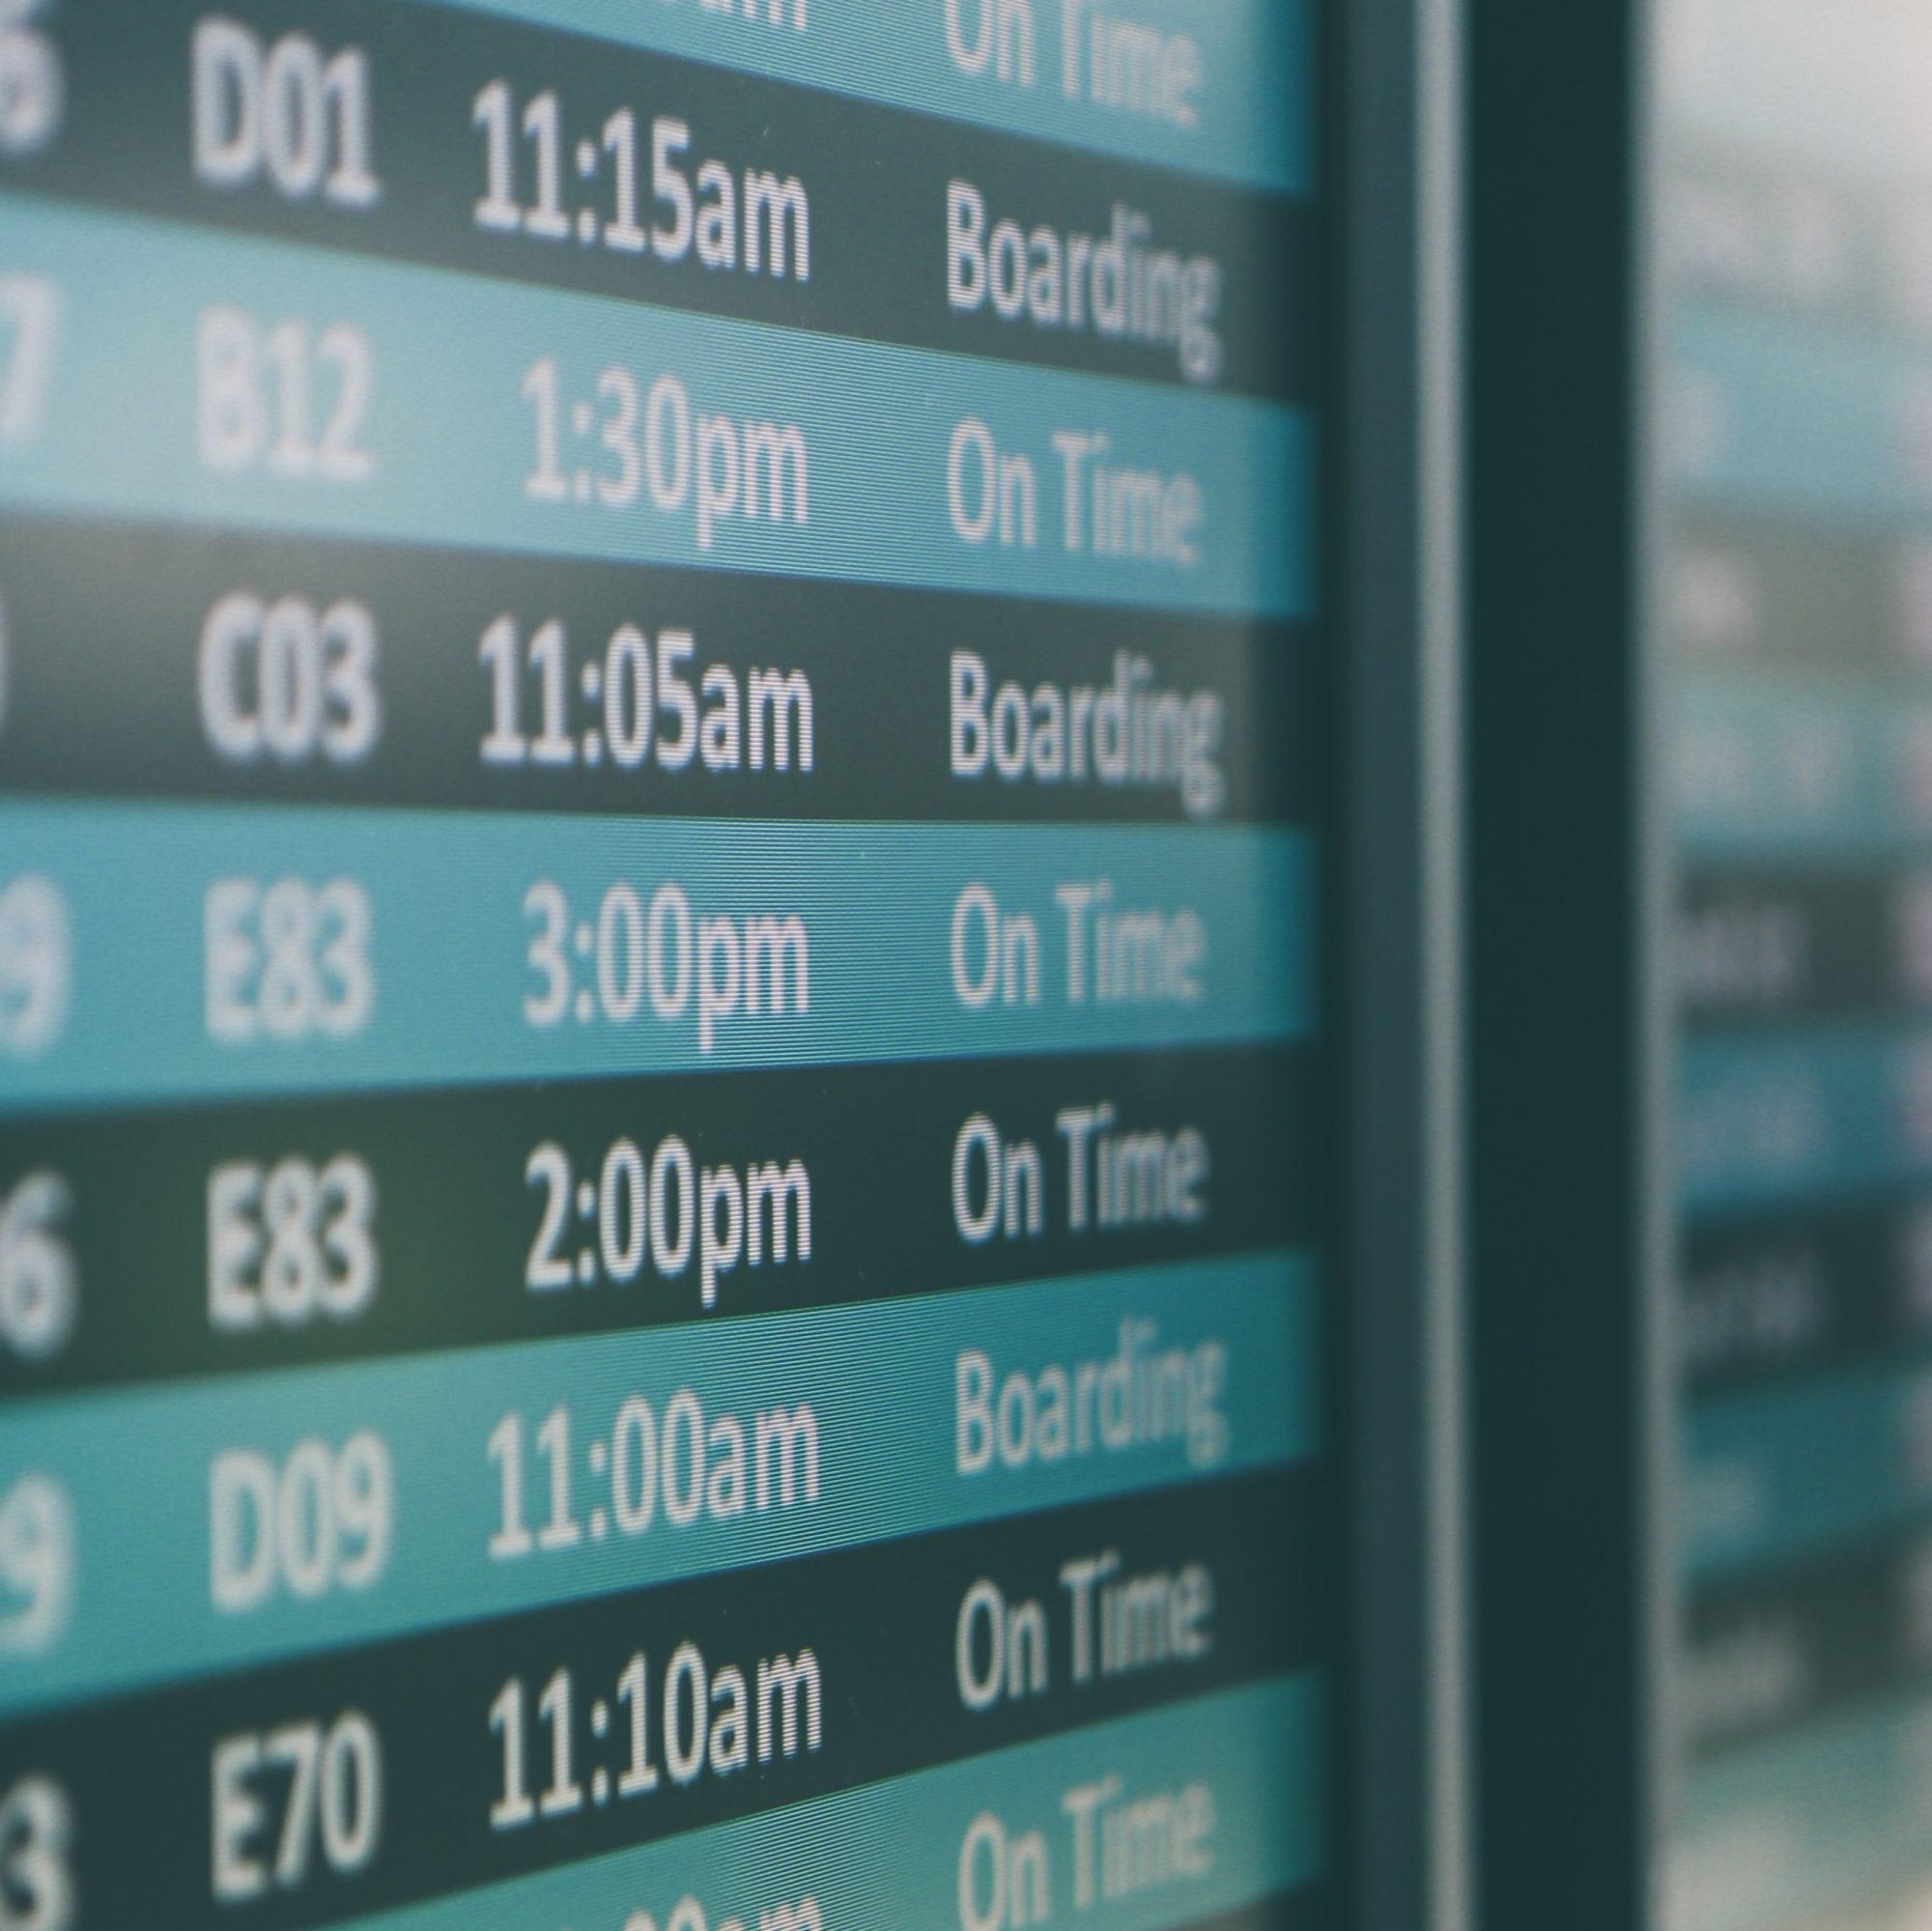 vuelo cancelado o reprogramado